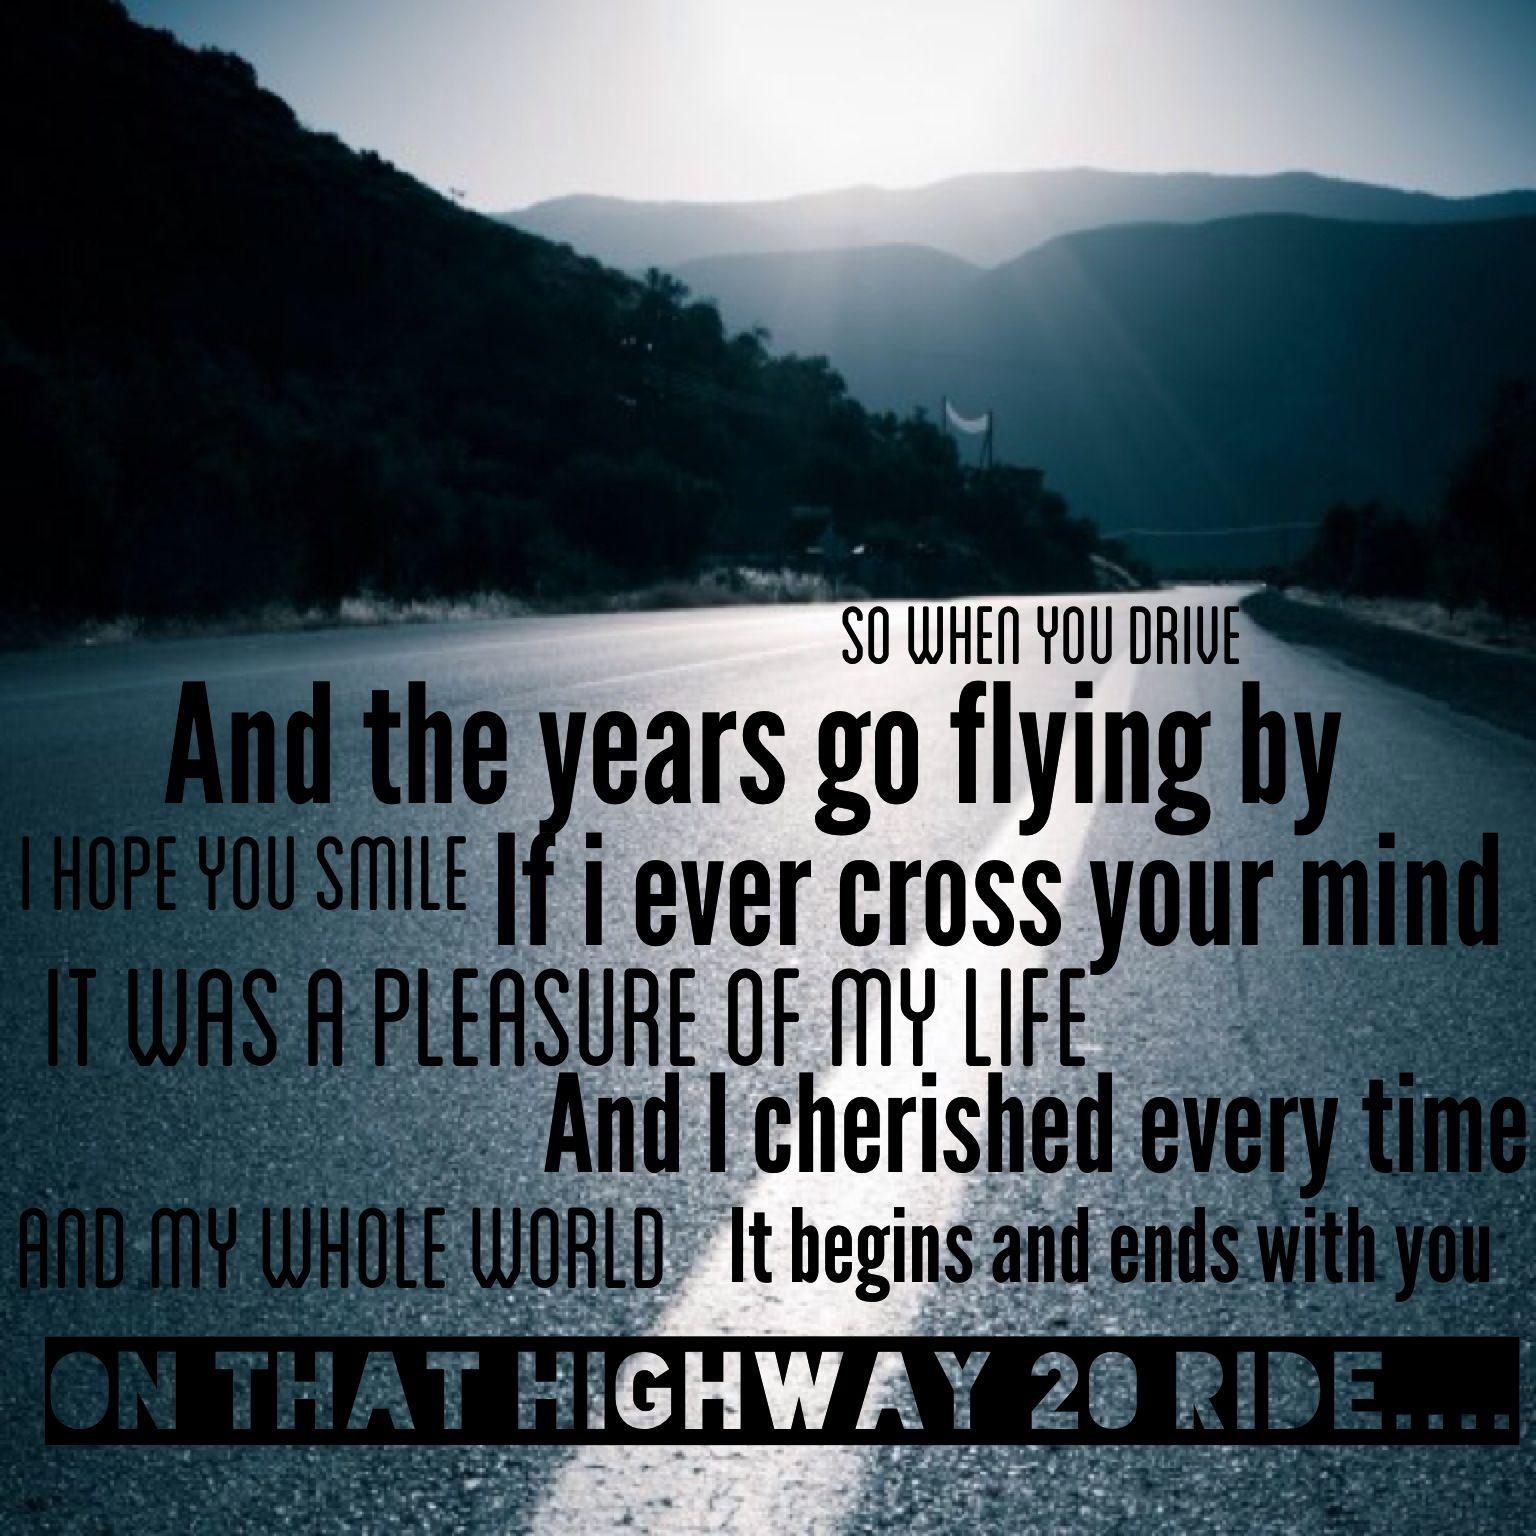 Highway 20 ride